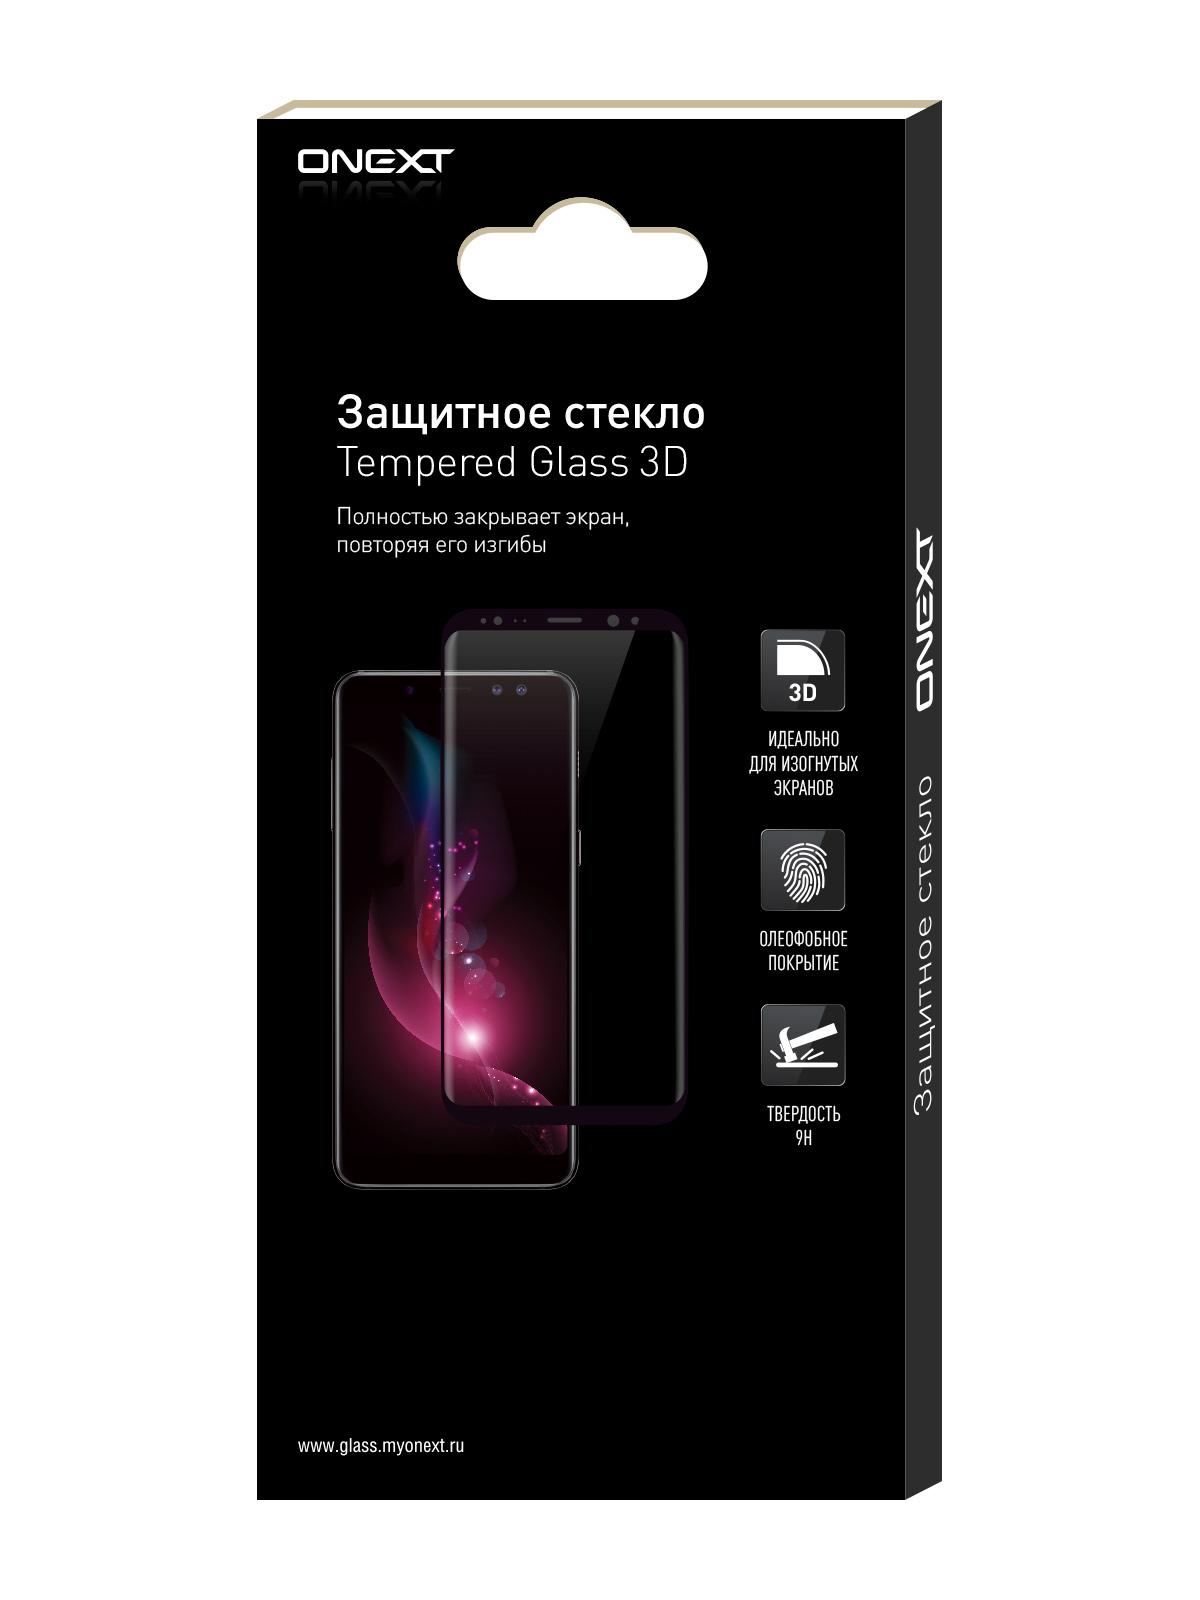 Защитное стекло ONEXT для Samsung Galaxy A5 (2017) Black